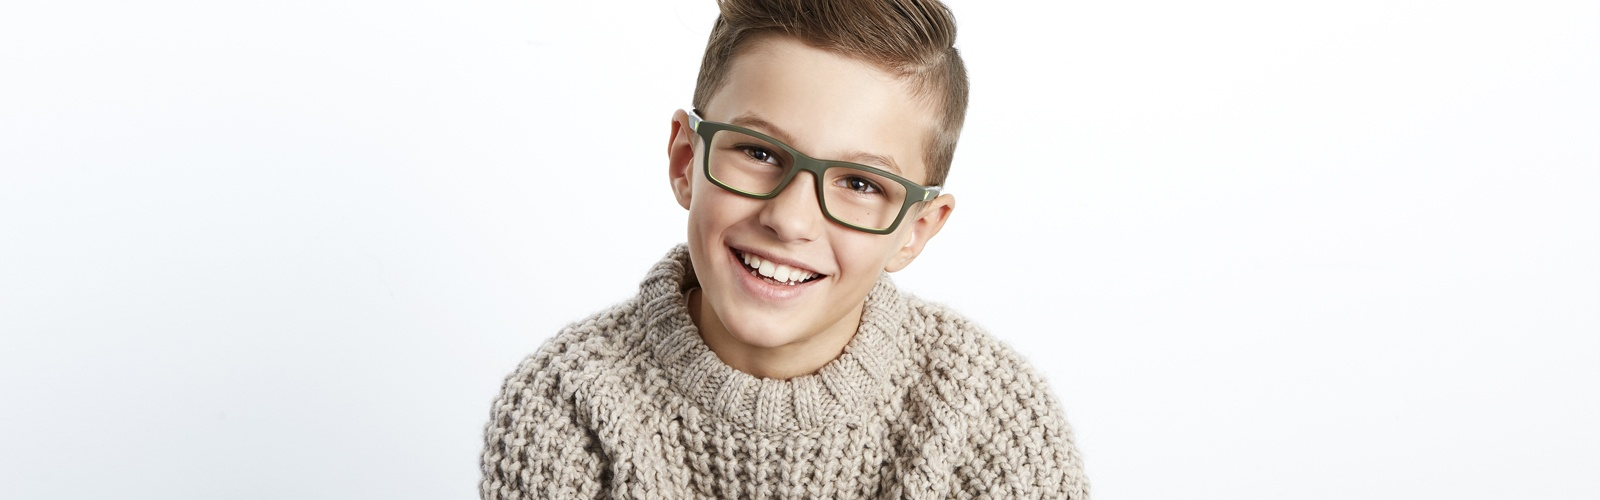 Boys Eye Glasses